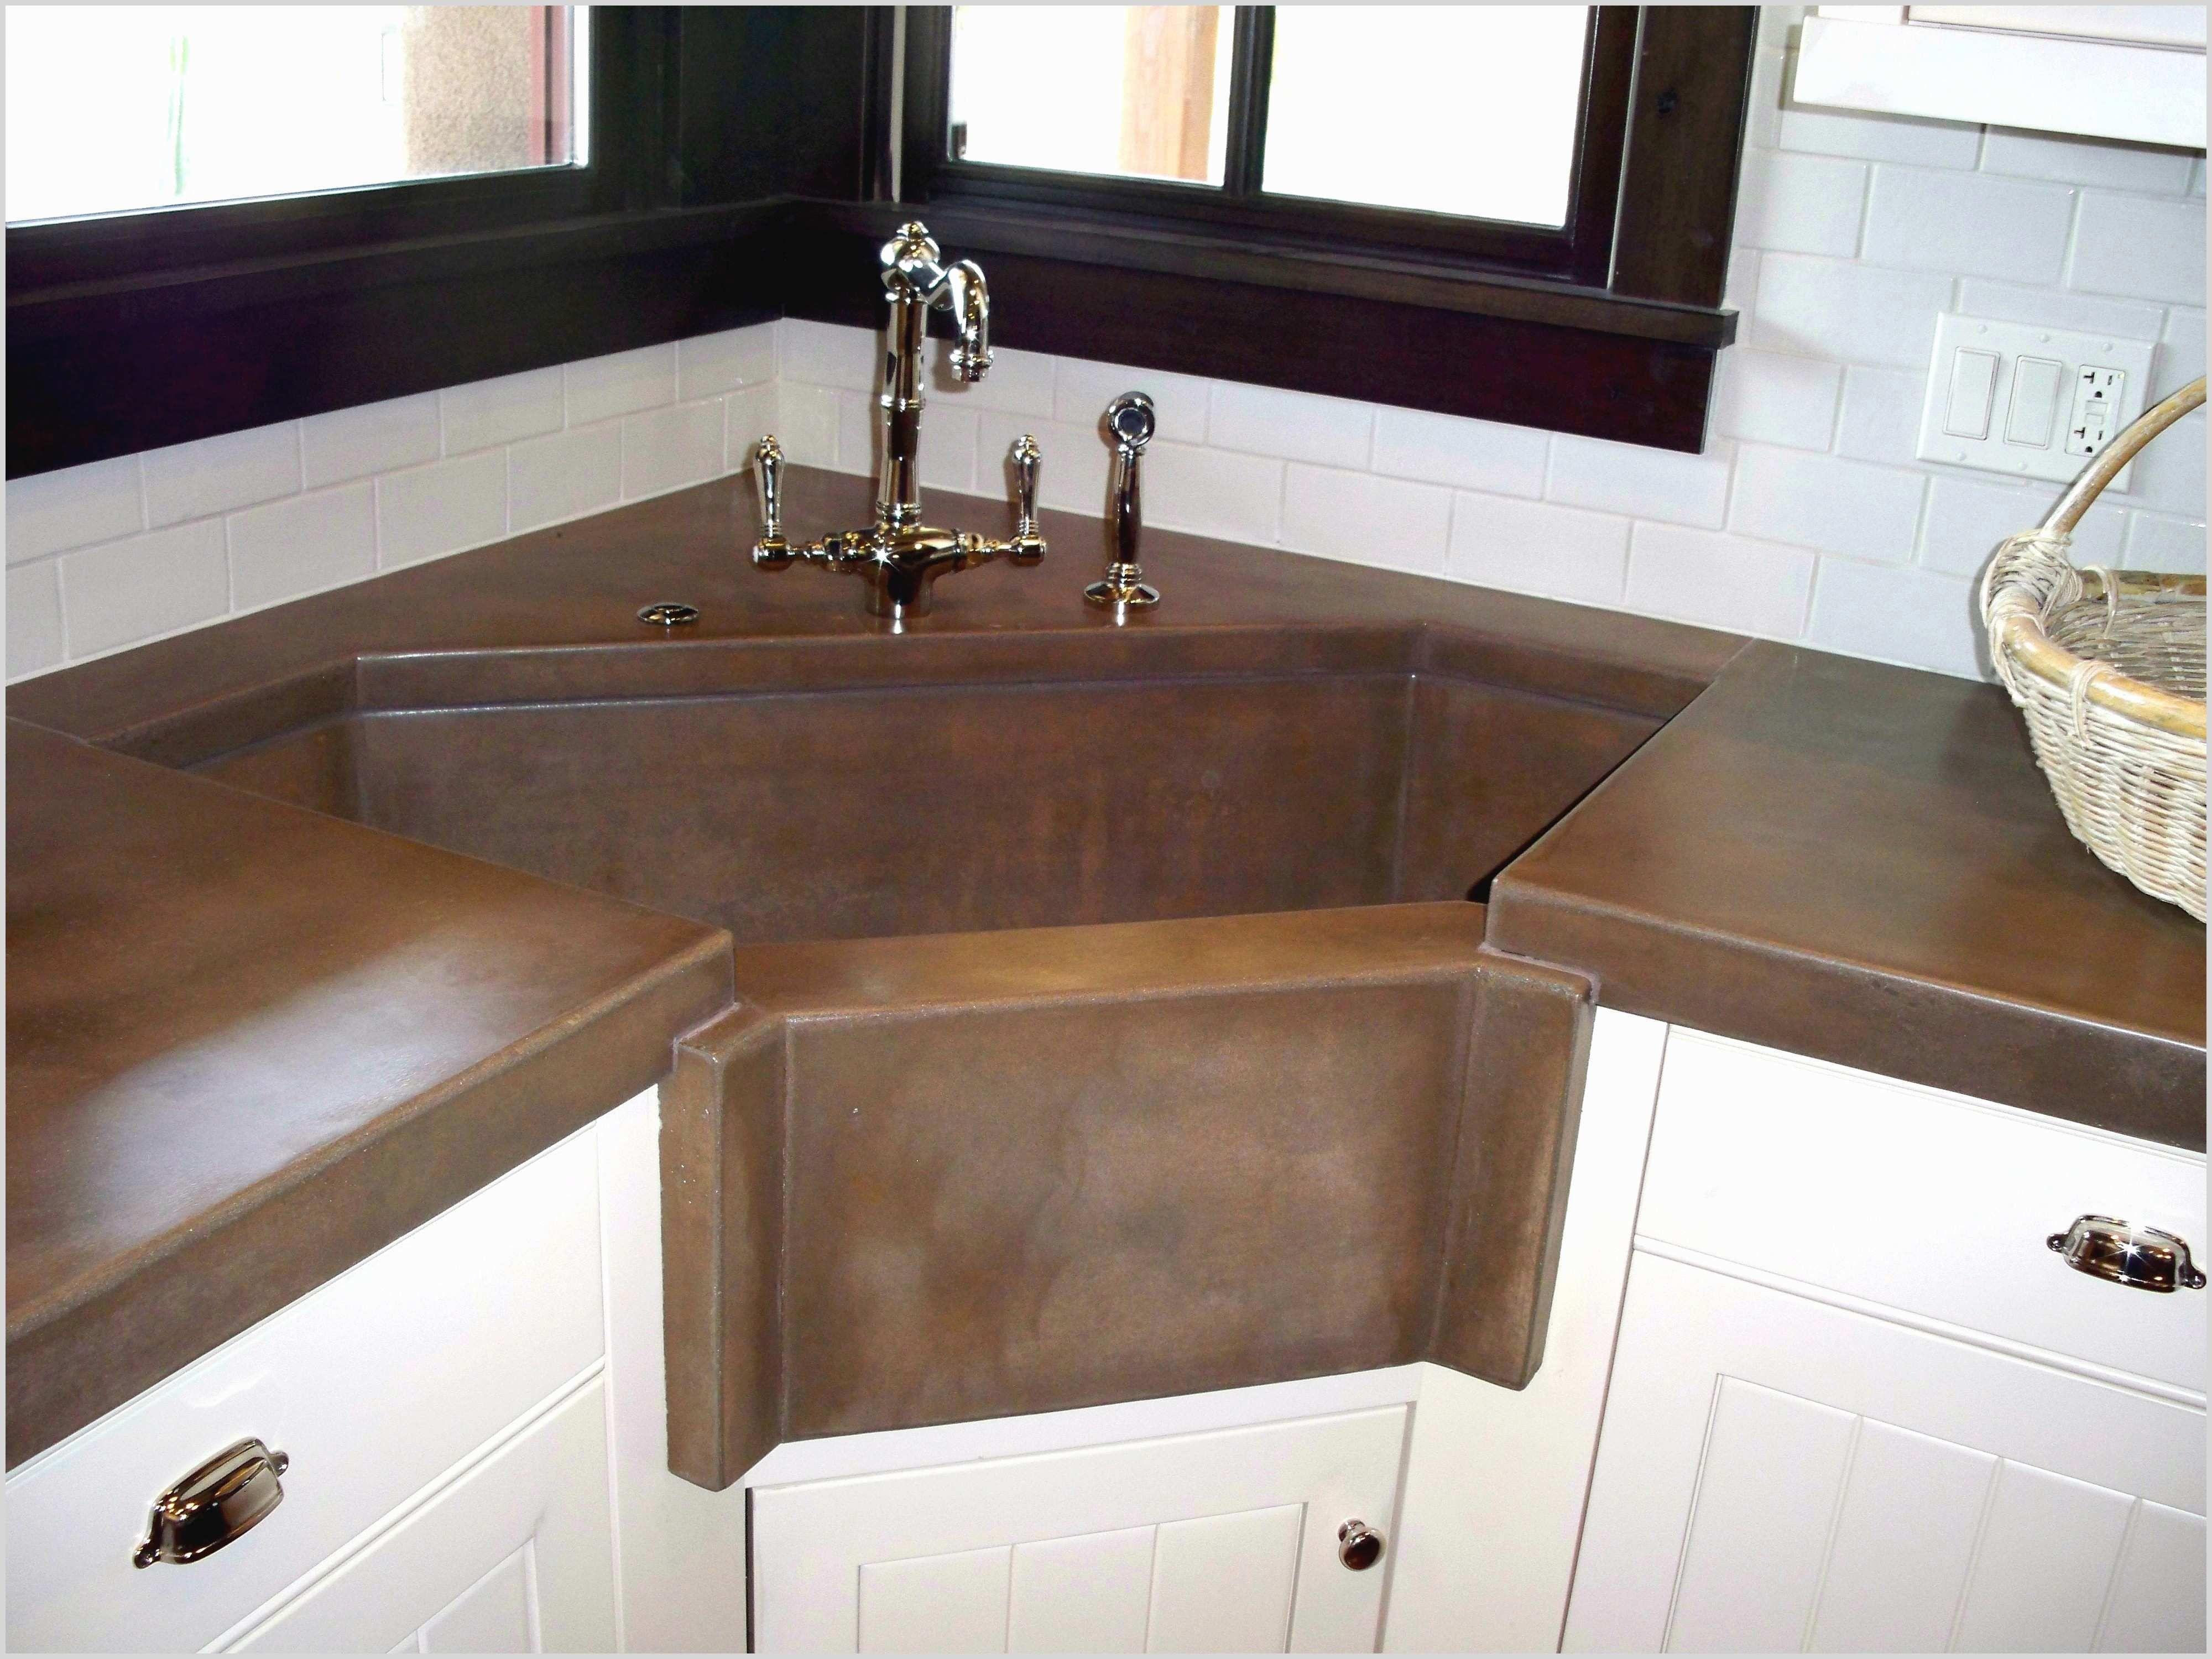 71 replacement bathroom cabinet doors kitchen sink on replacement countertops for bathroom vanity id=86952